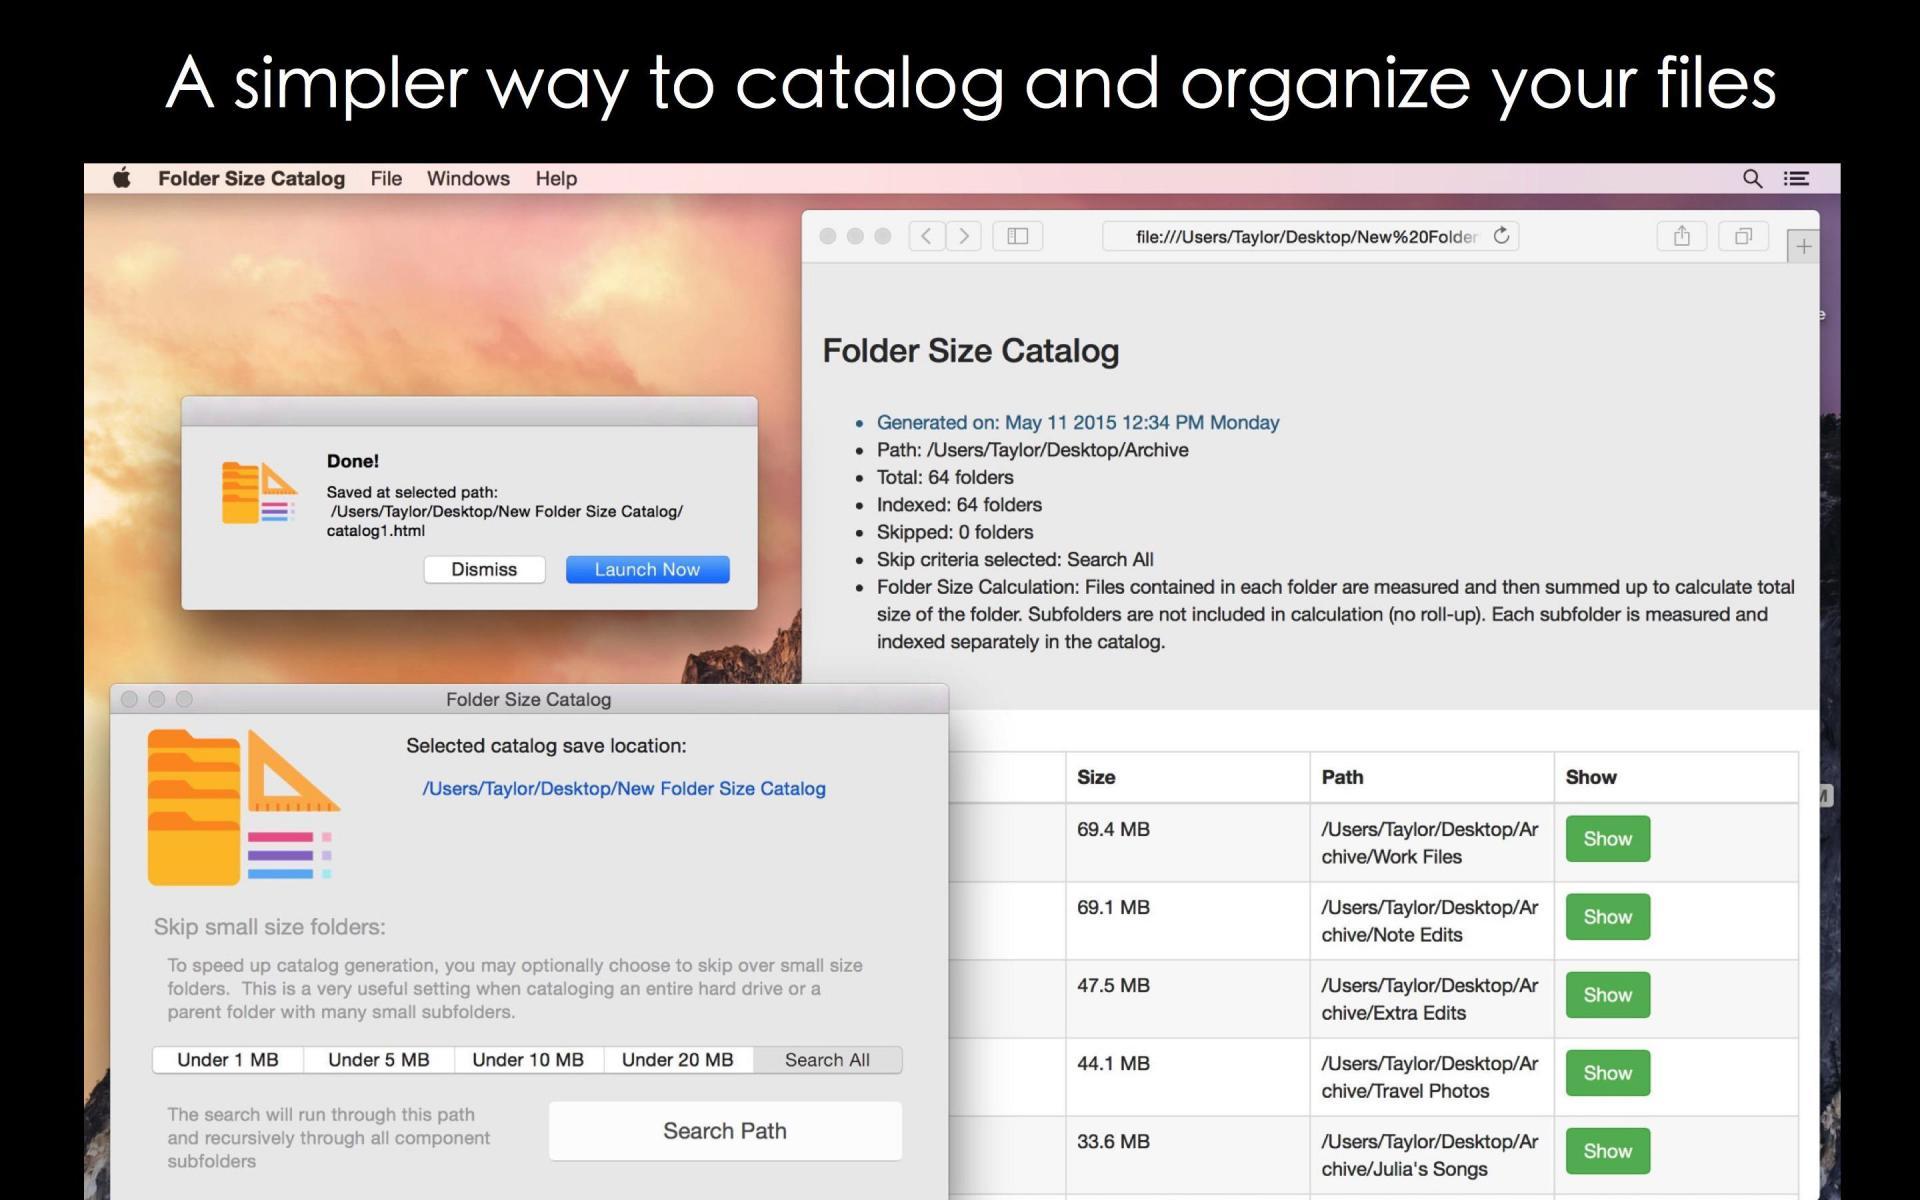 Folder Size Catalog